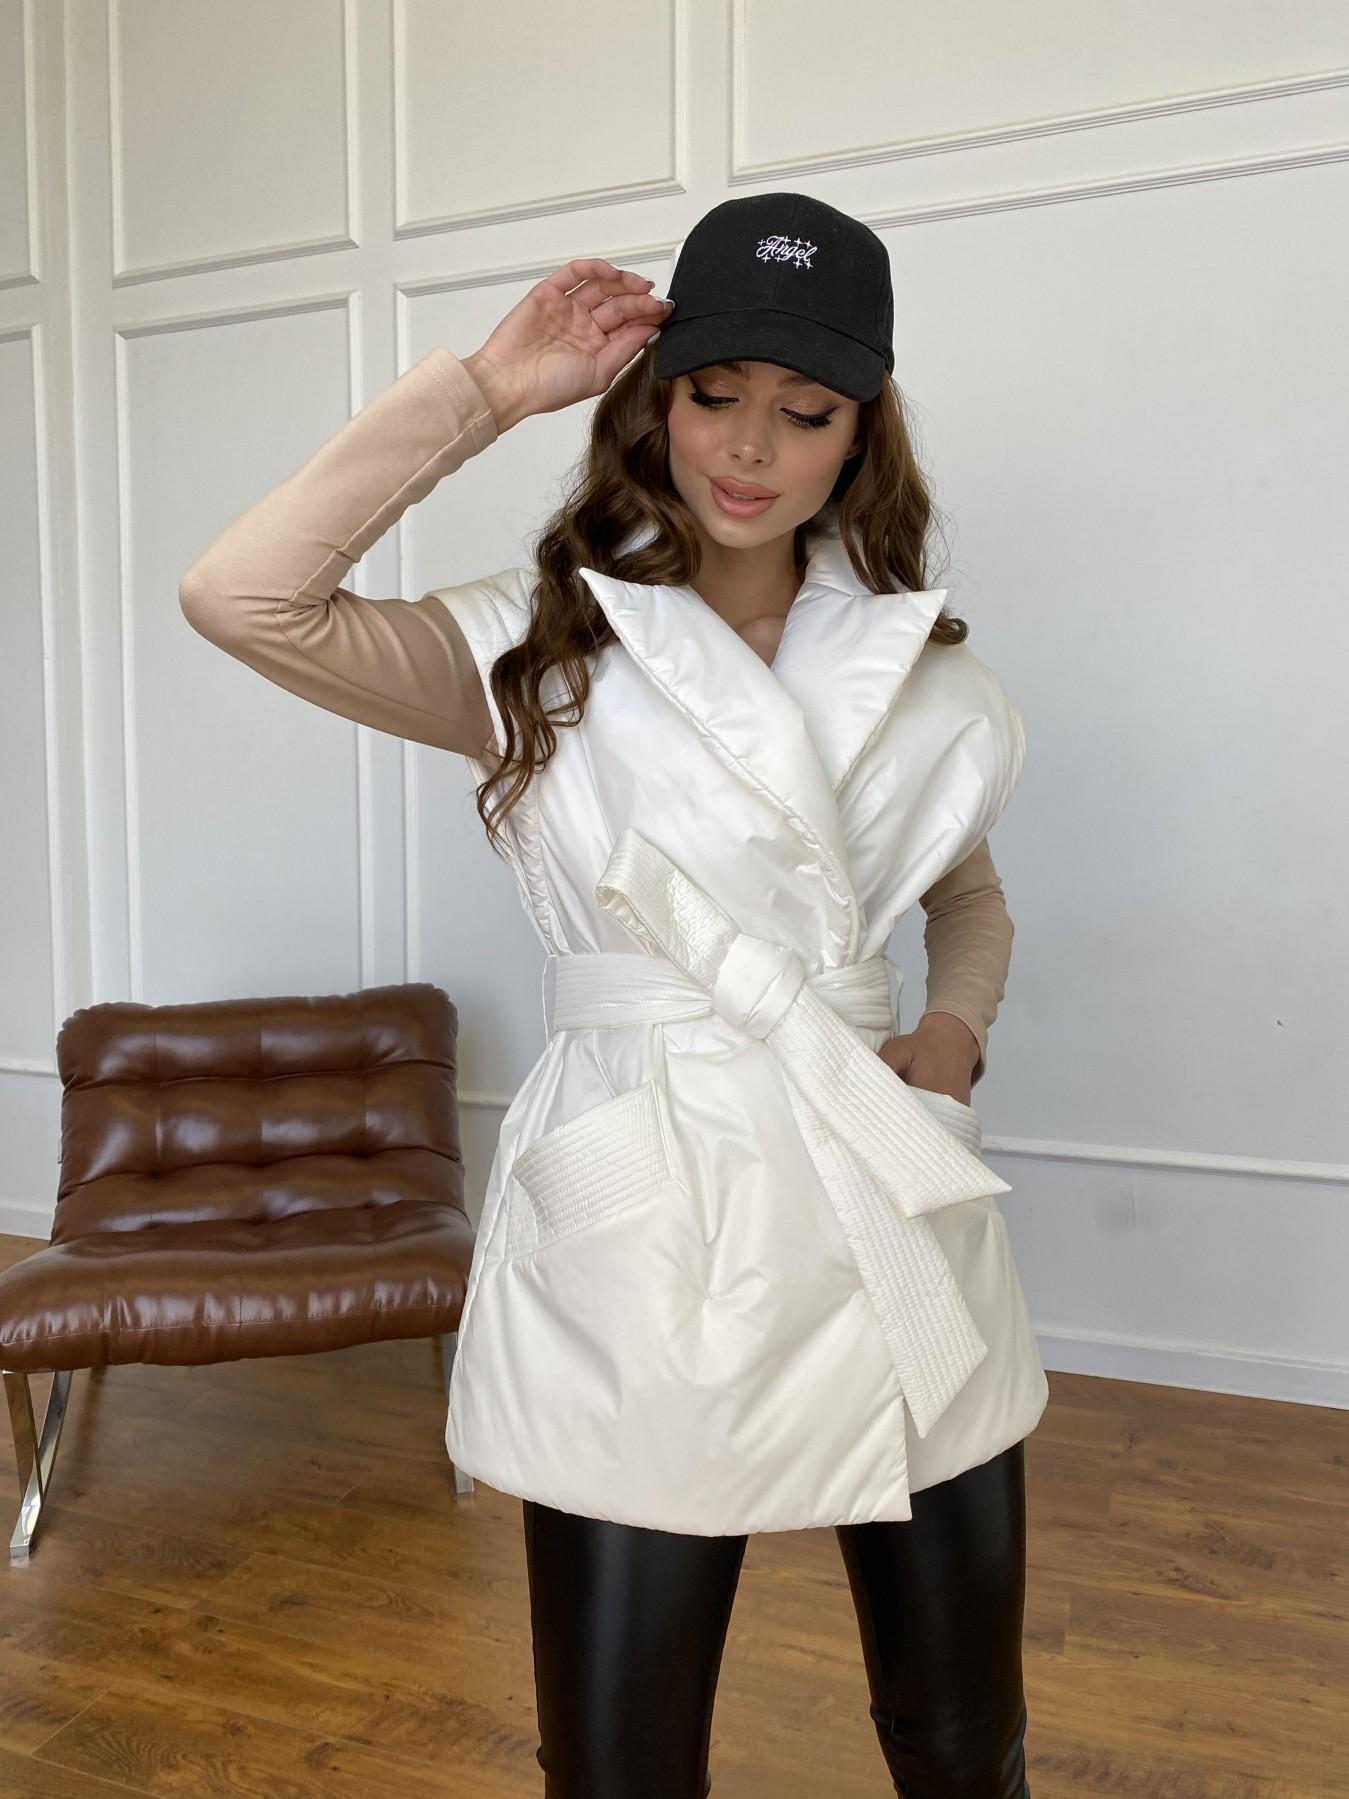 Форбс куртка-жилет из плащевой ткани Ammy  11159 АРТ. 47659 Цвет: Молоко 12 - фото 9, интернет магазин tm-modus.ru